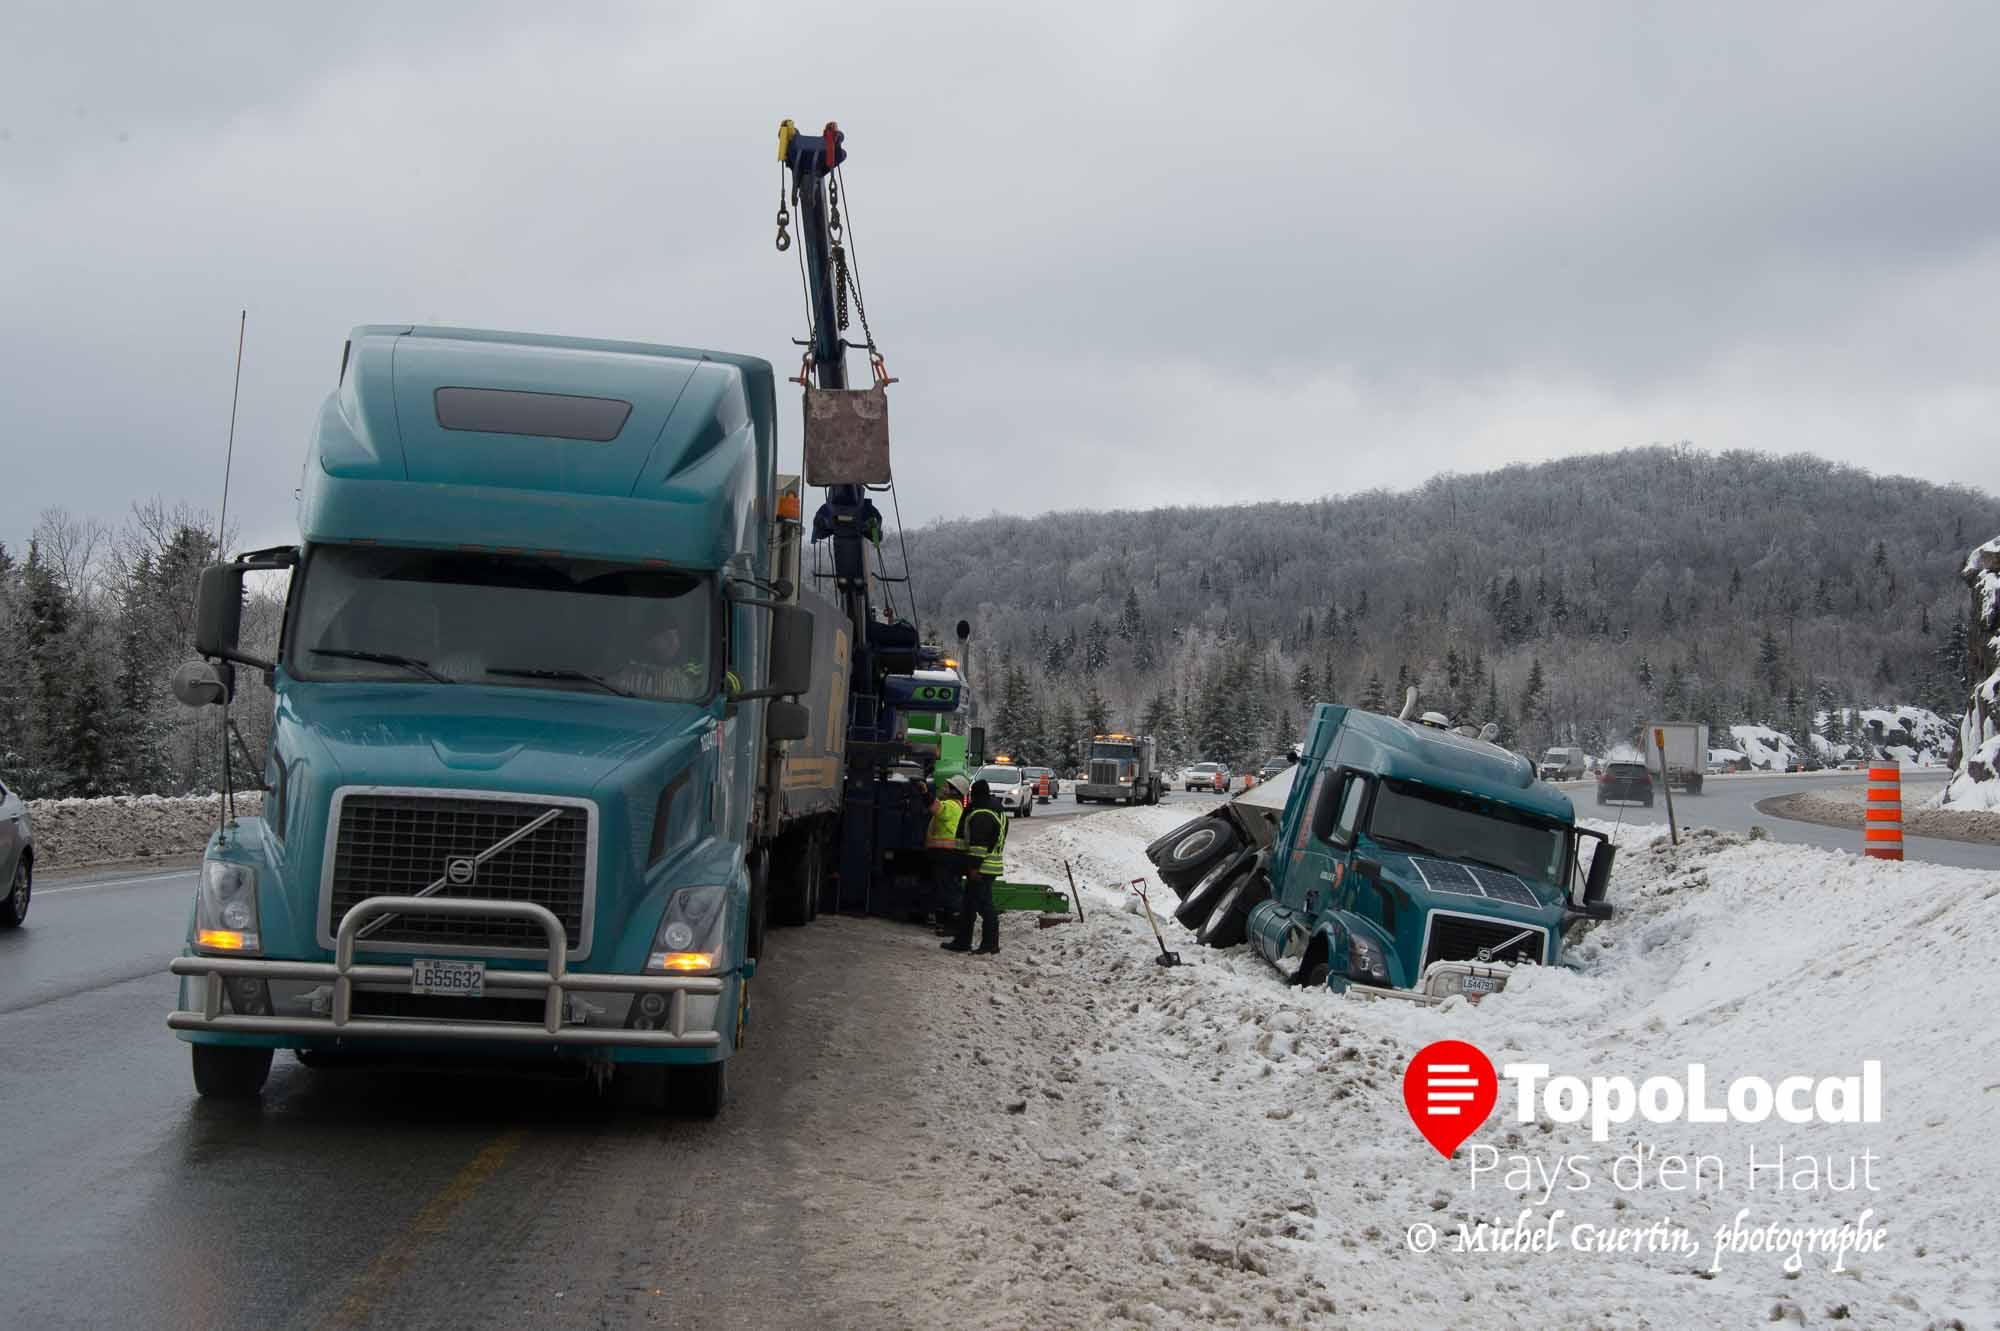 20160217-sainte-adele-accident-autoroute-deversement-cargaison-6